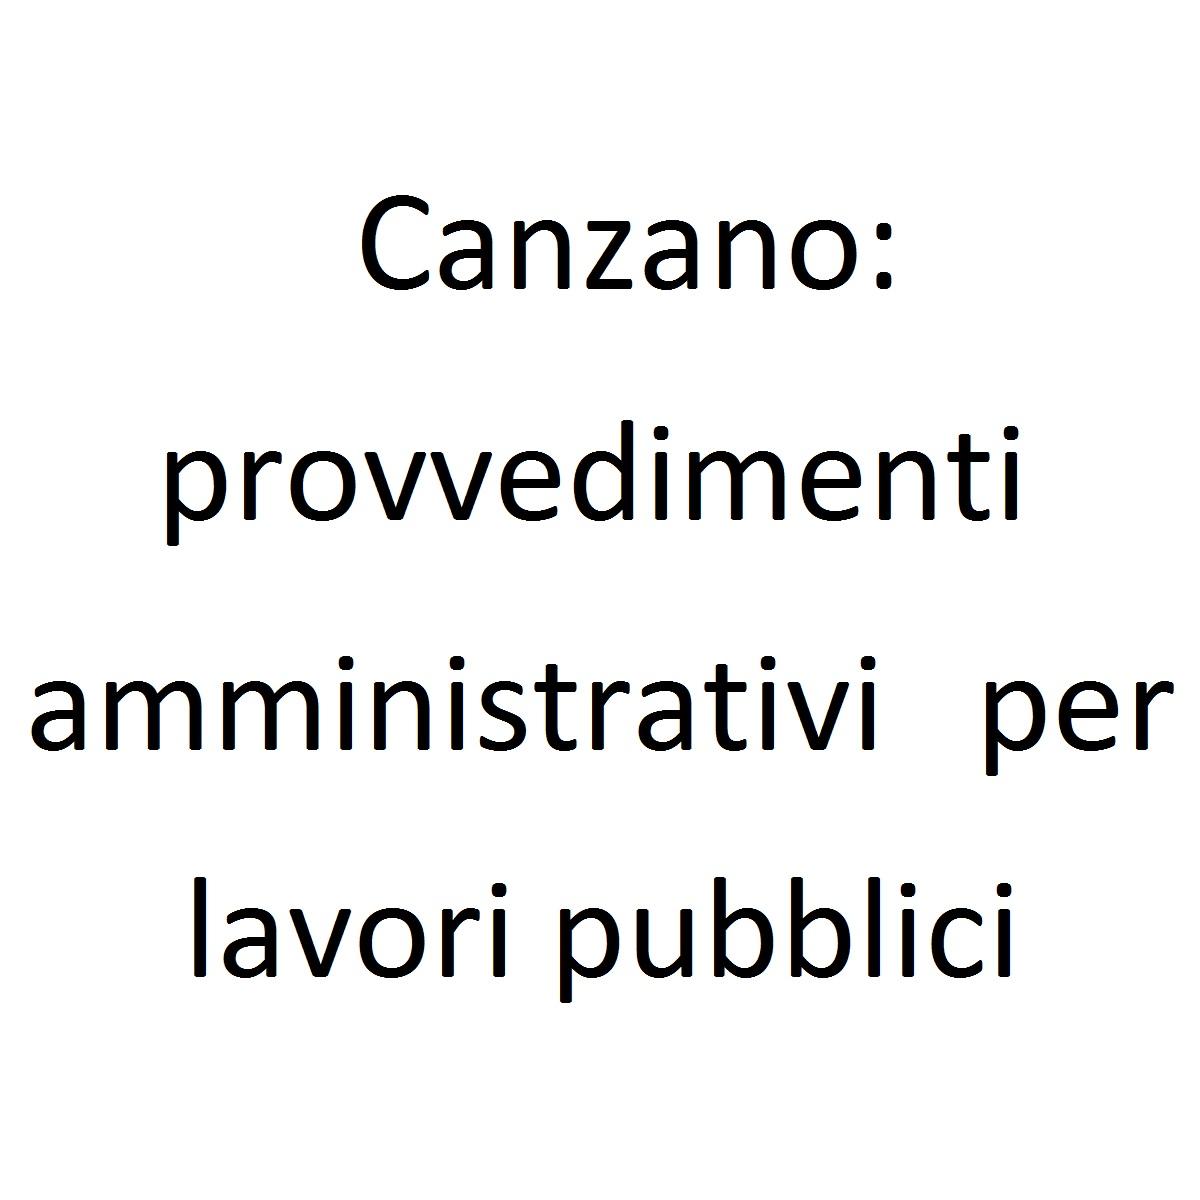 Canzano provvedimenti amministrativi per lavori pubblici foto